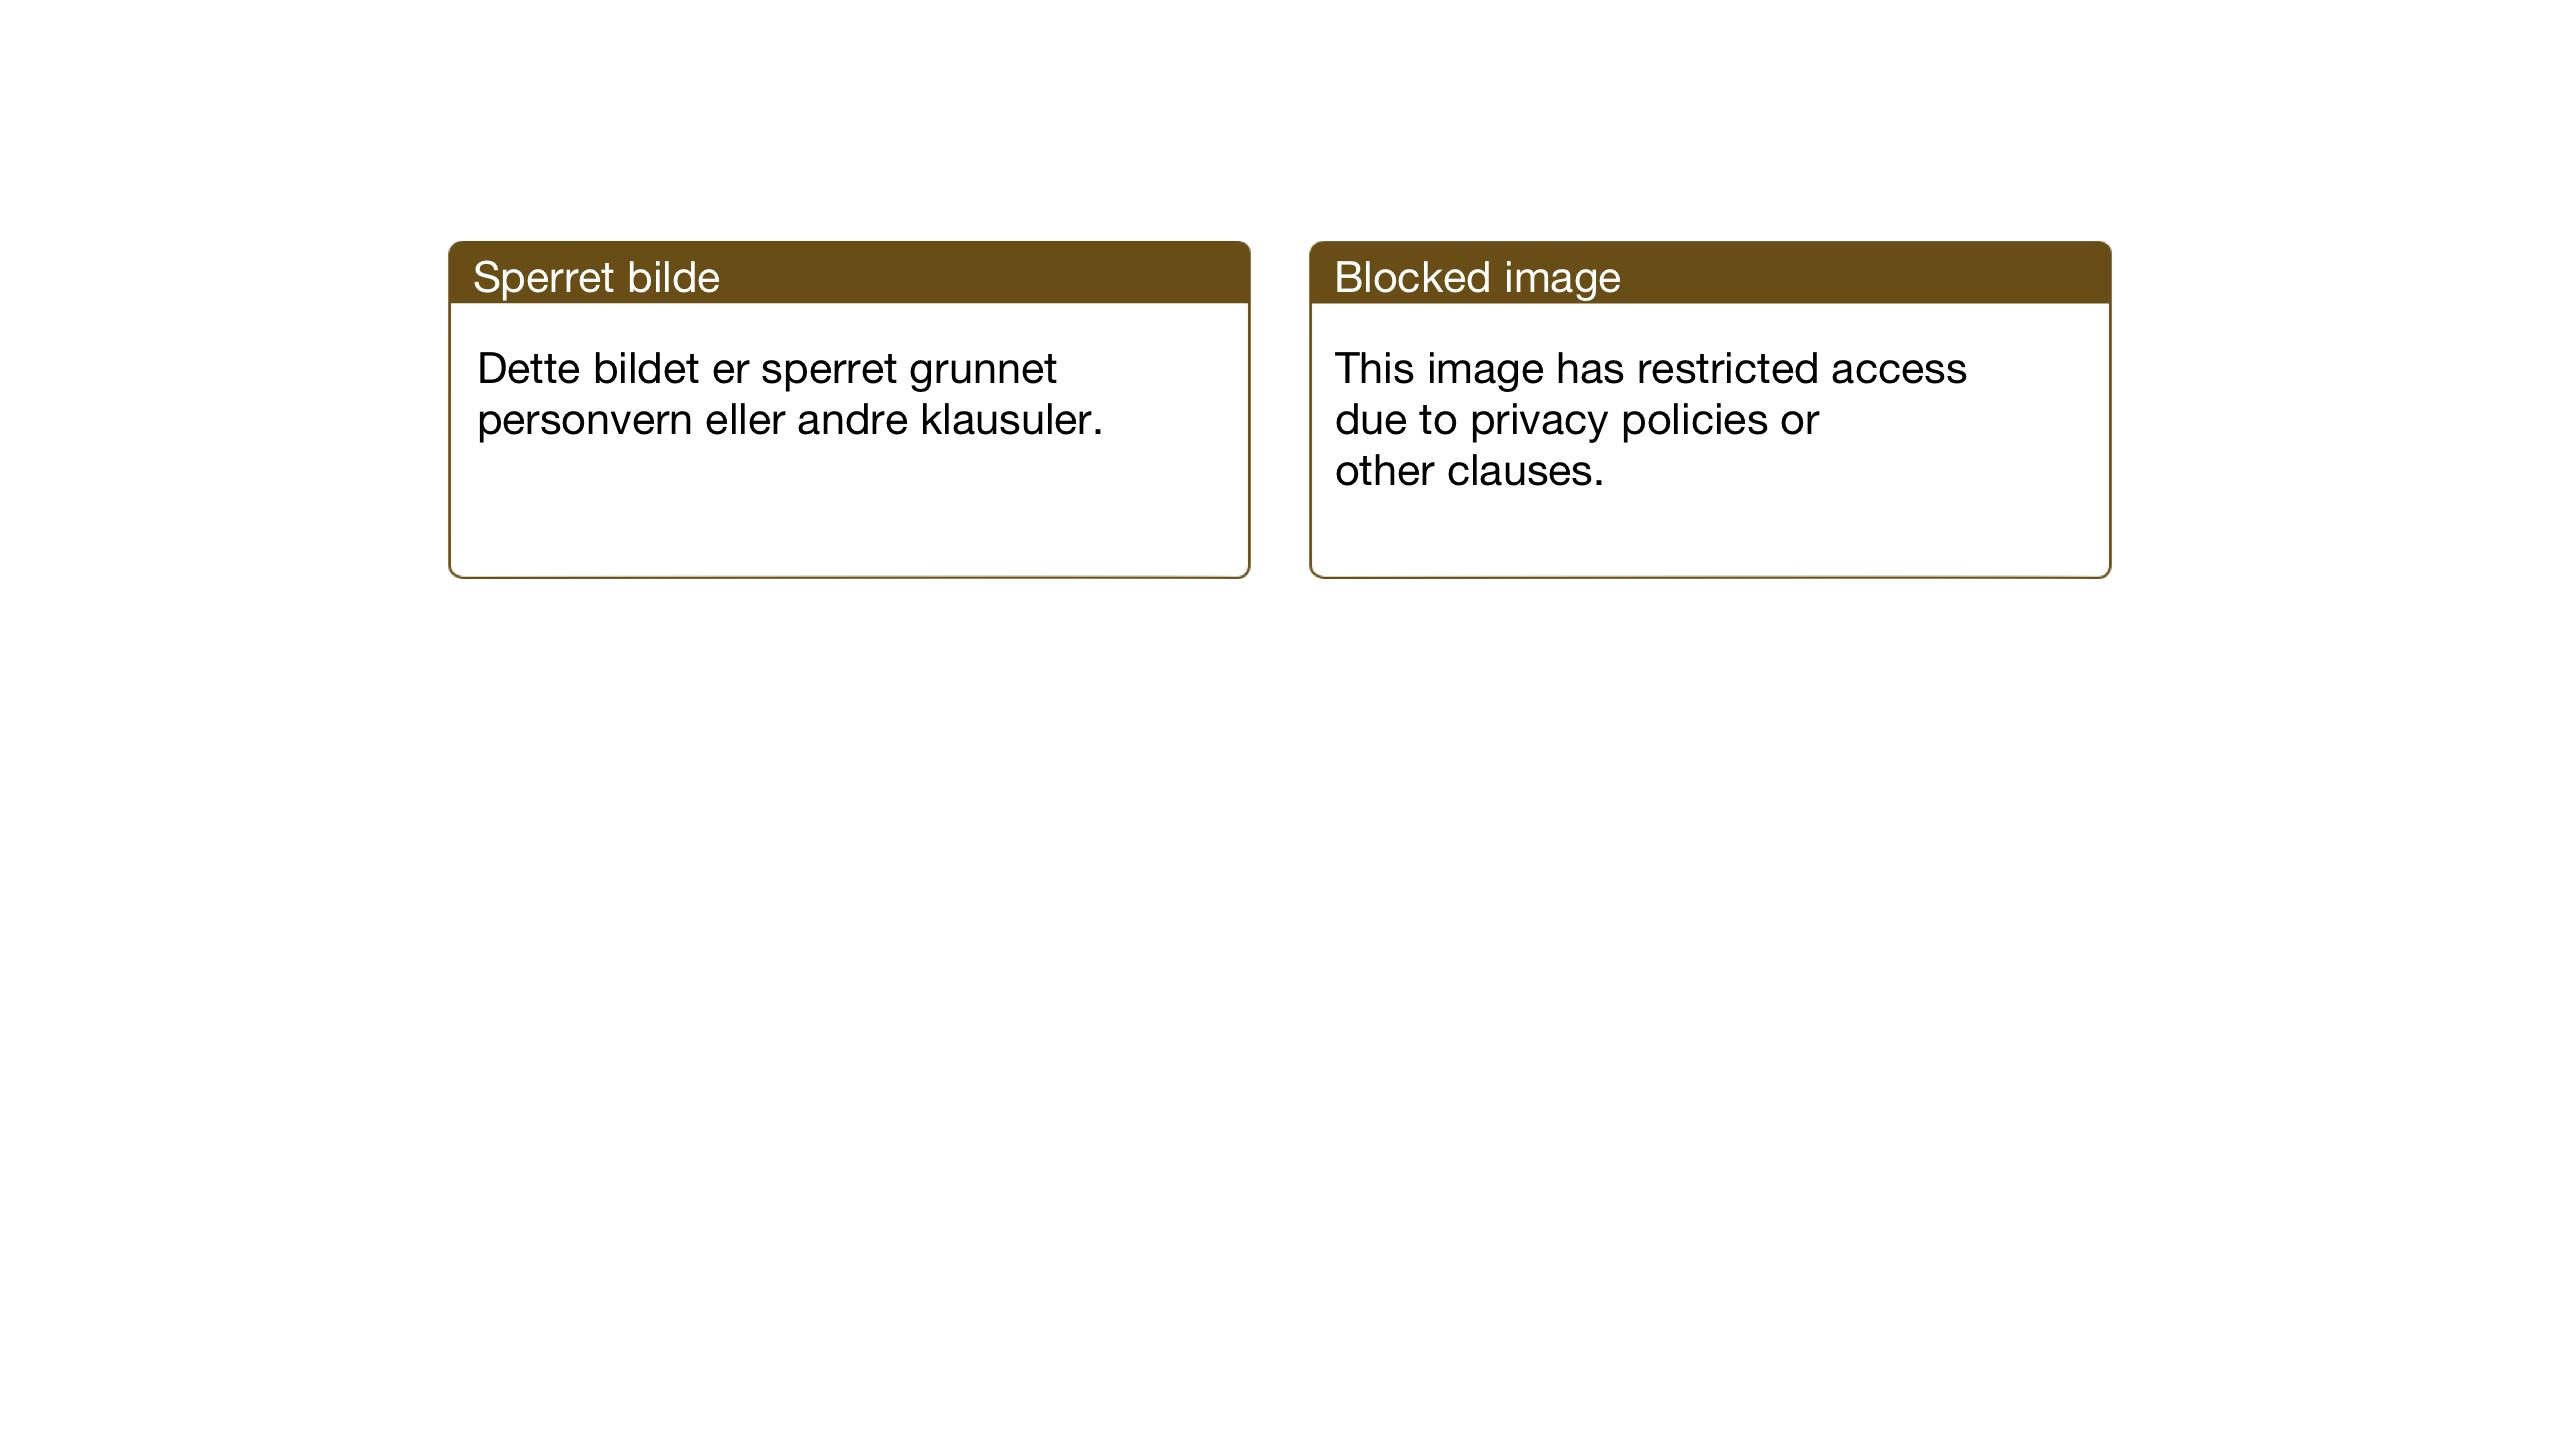 SAT, Ministerialprotokoller, klokkerbøker og fødselsregistre - Nord-Trøndelag, 741/L0403: Ministerialbok nr. 741C04, 1925-1944, s. 115